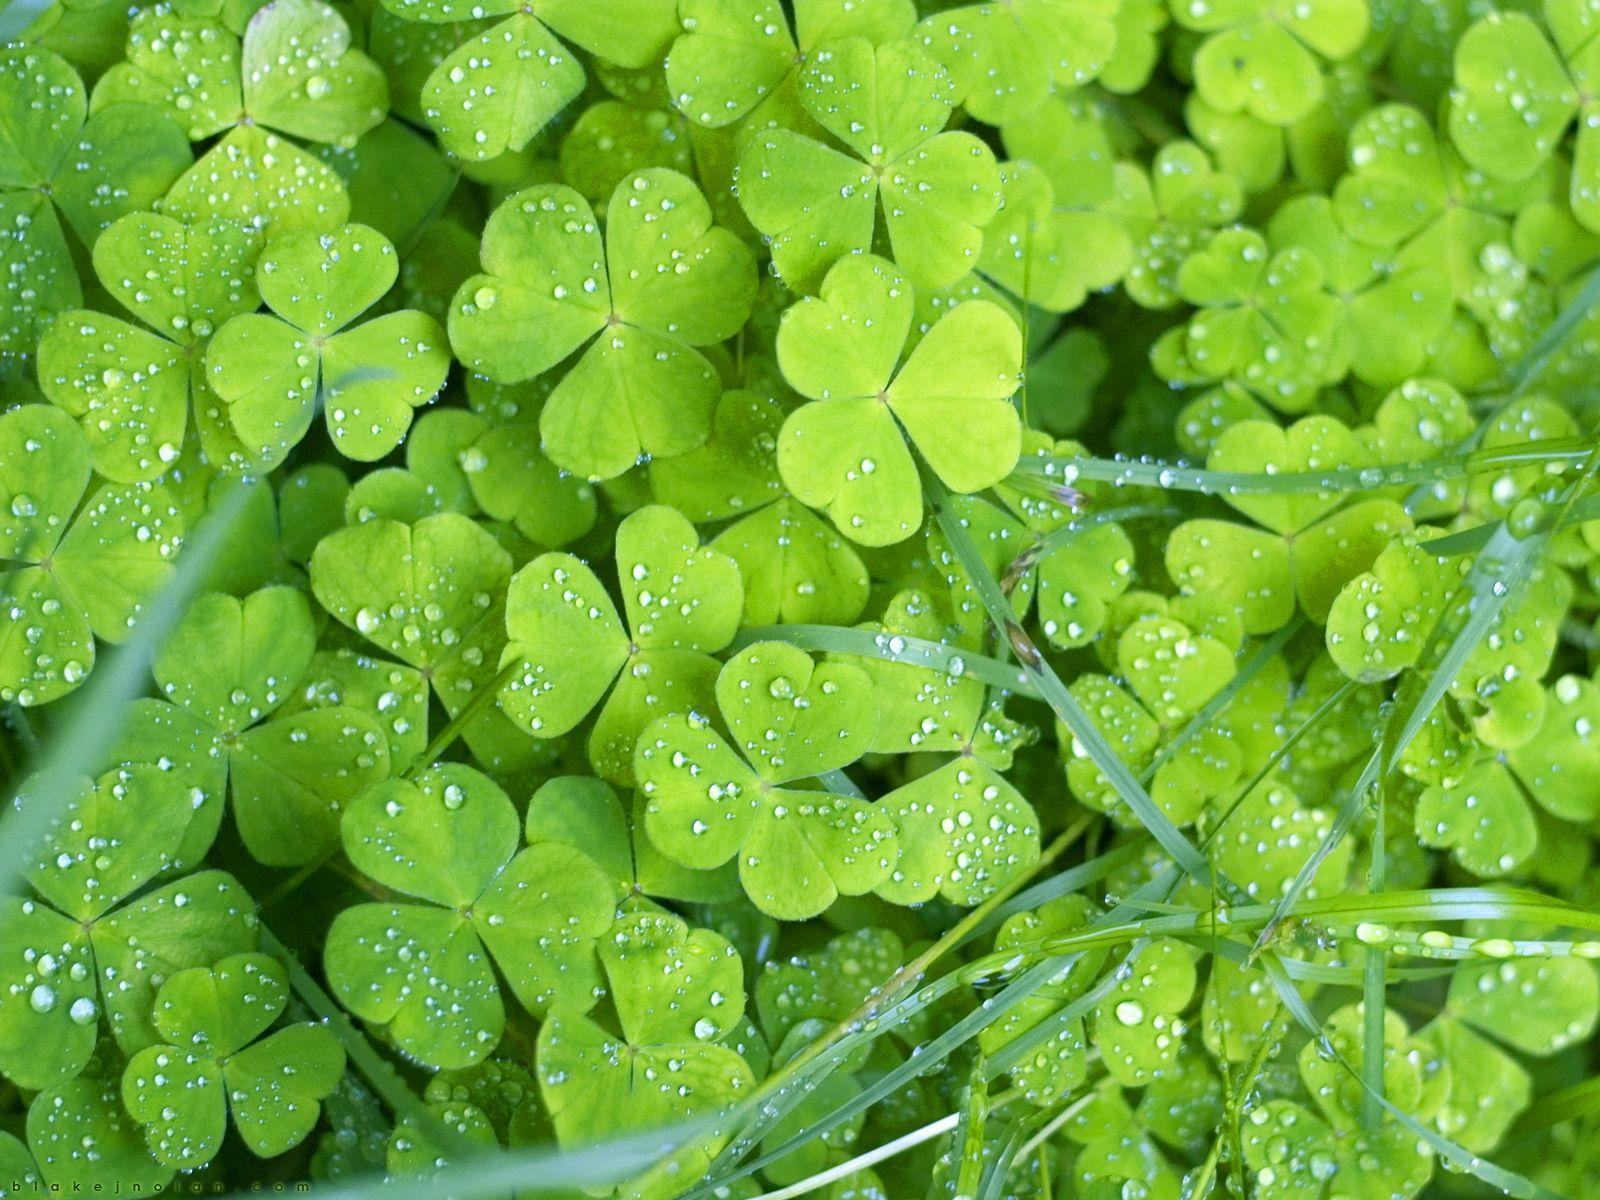 1000+ images about IRELAND: Backgrounds on Pinterest | Irish ...